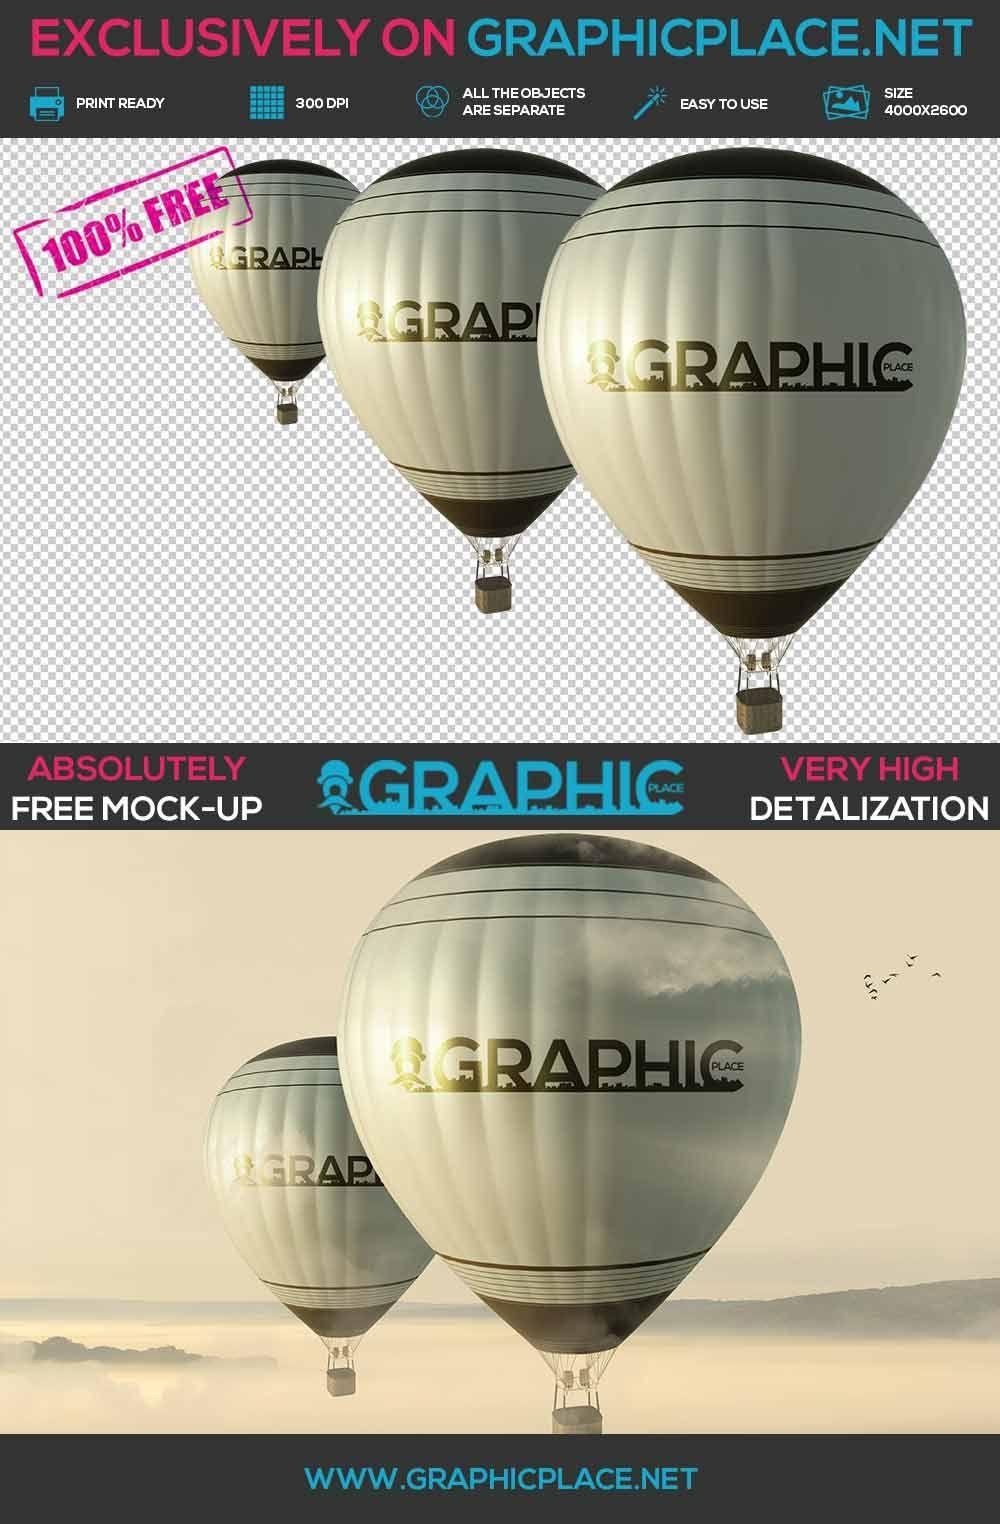 Download Air Balloons Free Psd Mockup Graphicplace Mockup Free Psd Mockup Psd Free Psd